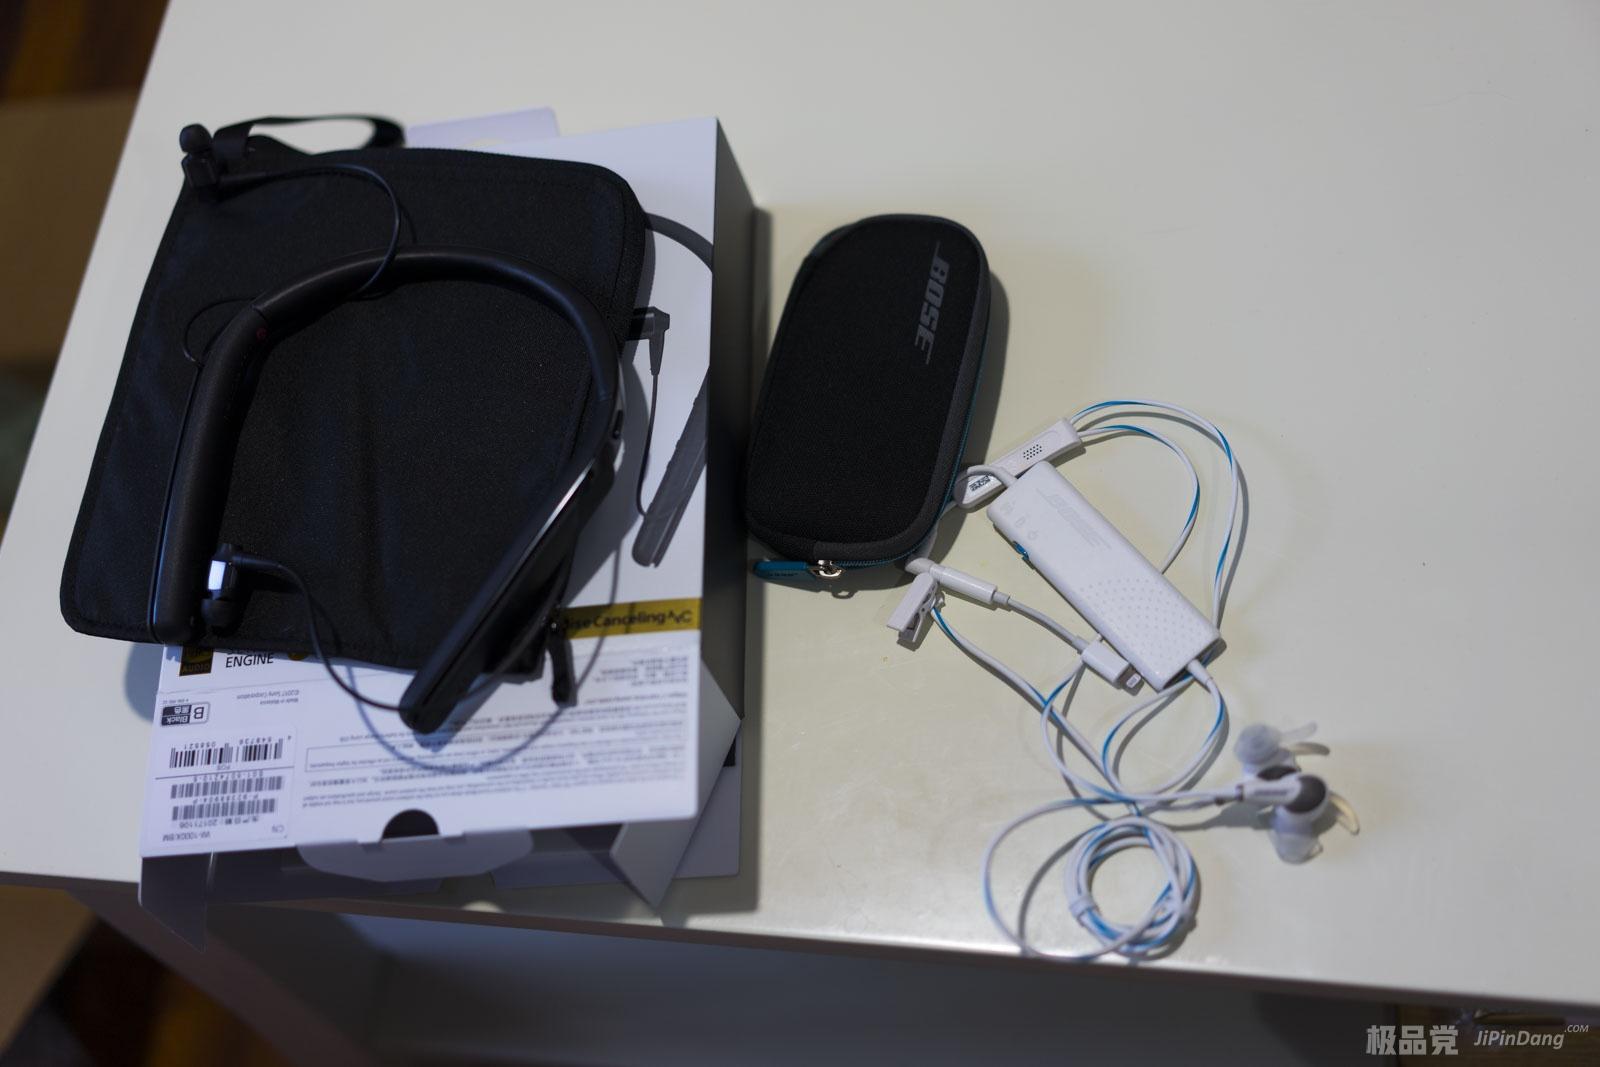 索尼蓝牙降噪耳机WI-1000X网易考拉购买开箱-极品党